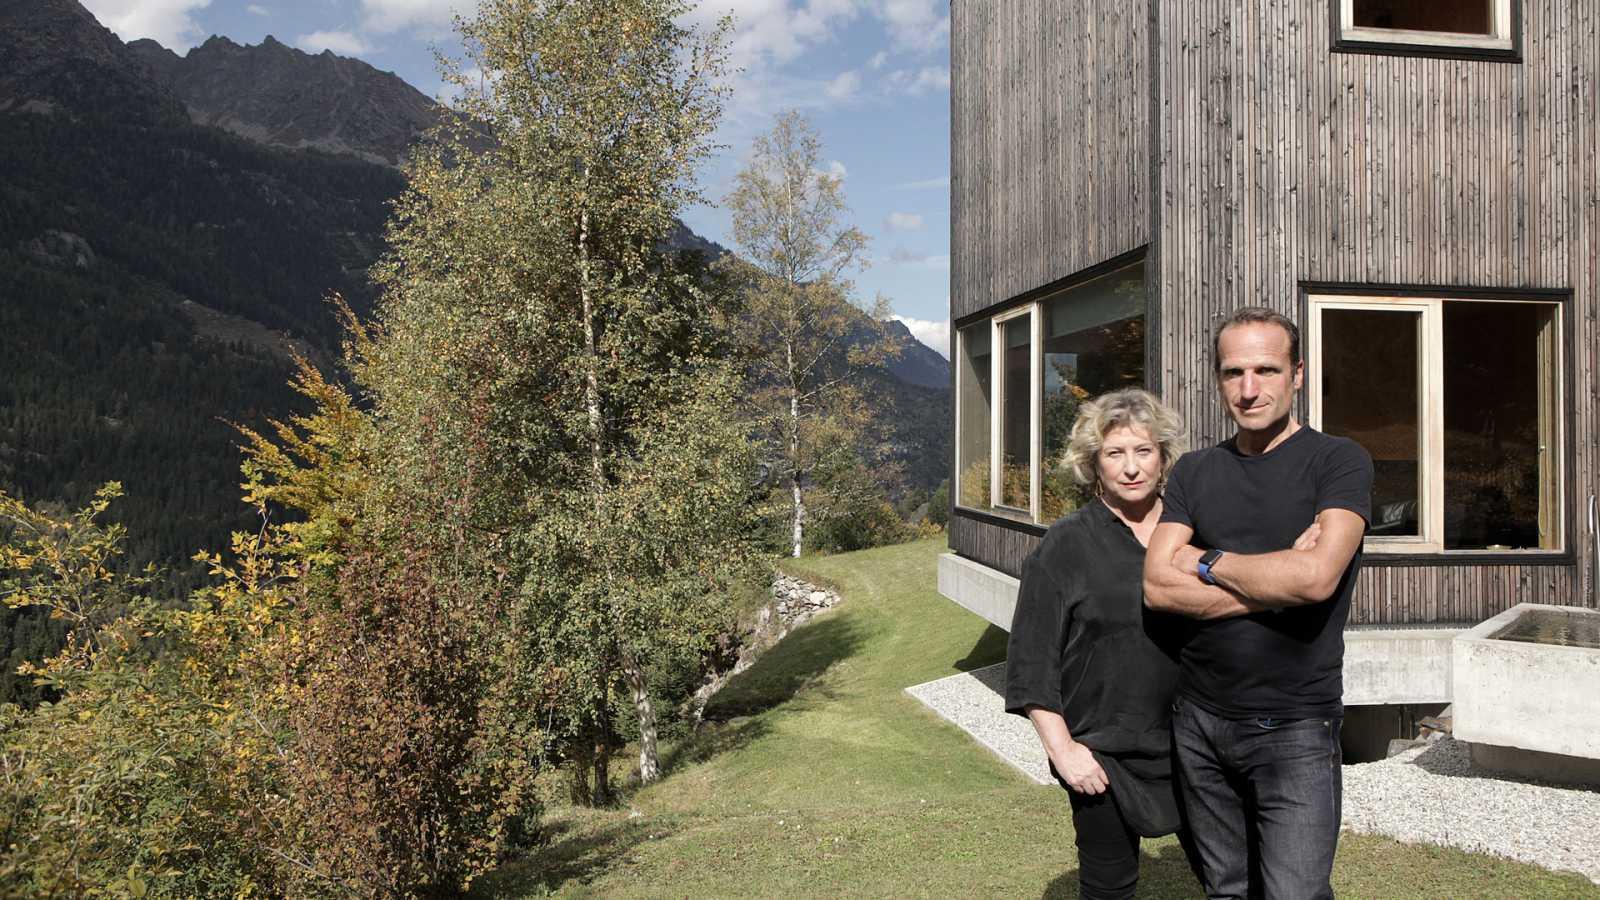 Otros documentales - Las casas más extraordinarias del mundo: Suiza - ver ahora